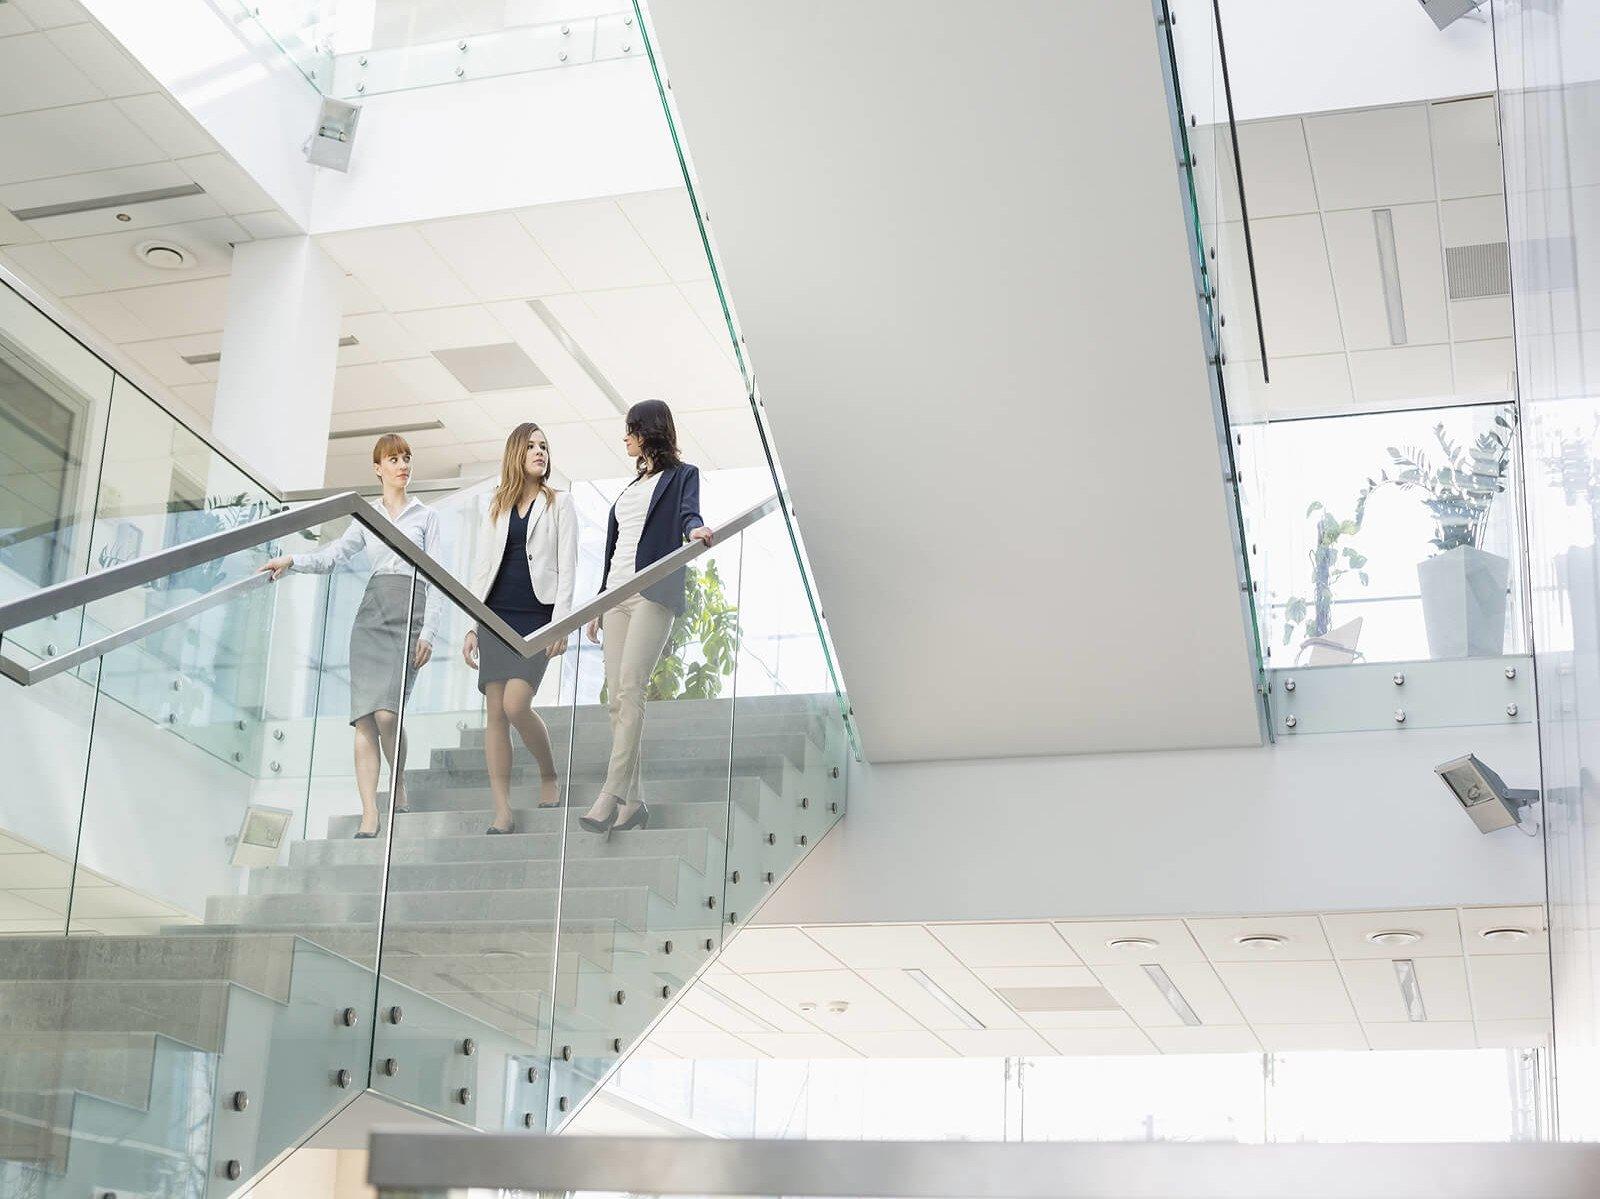 Rahmenloses Glasgelaender mit freiem Blick auf den Baukoerper